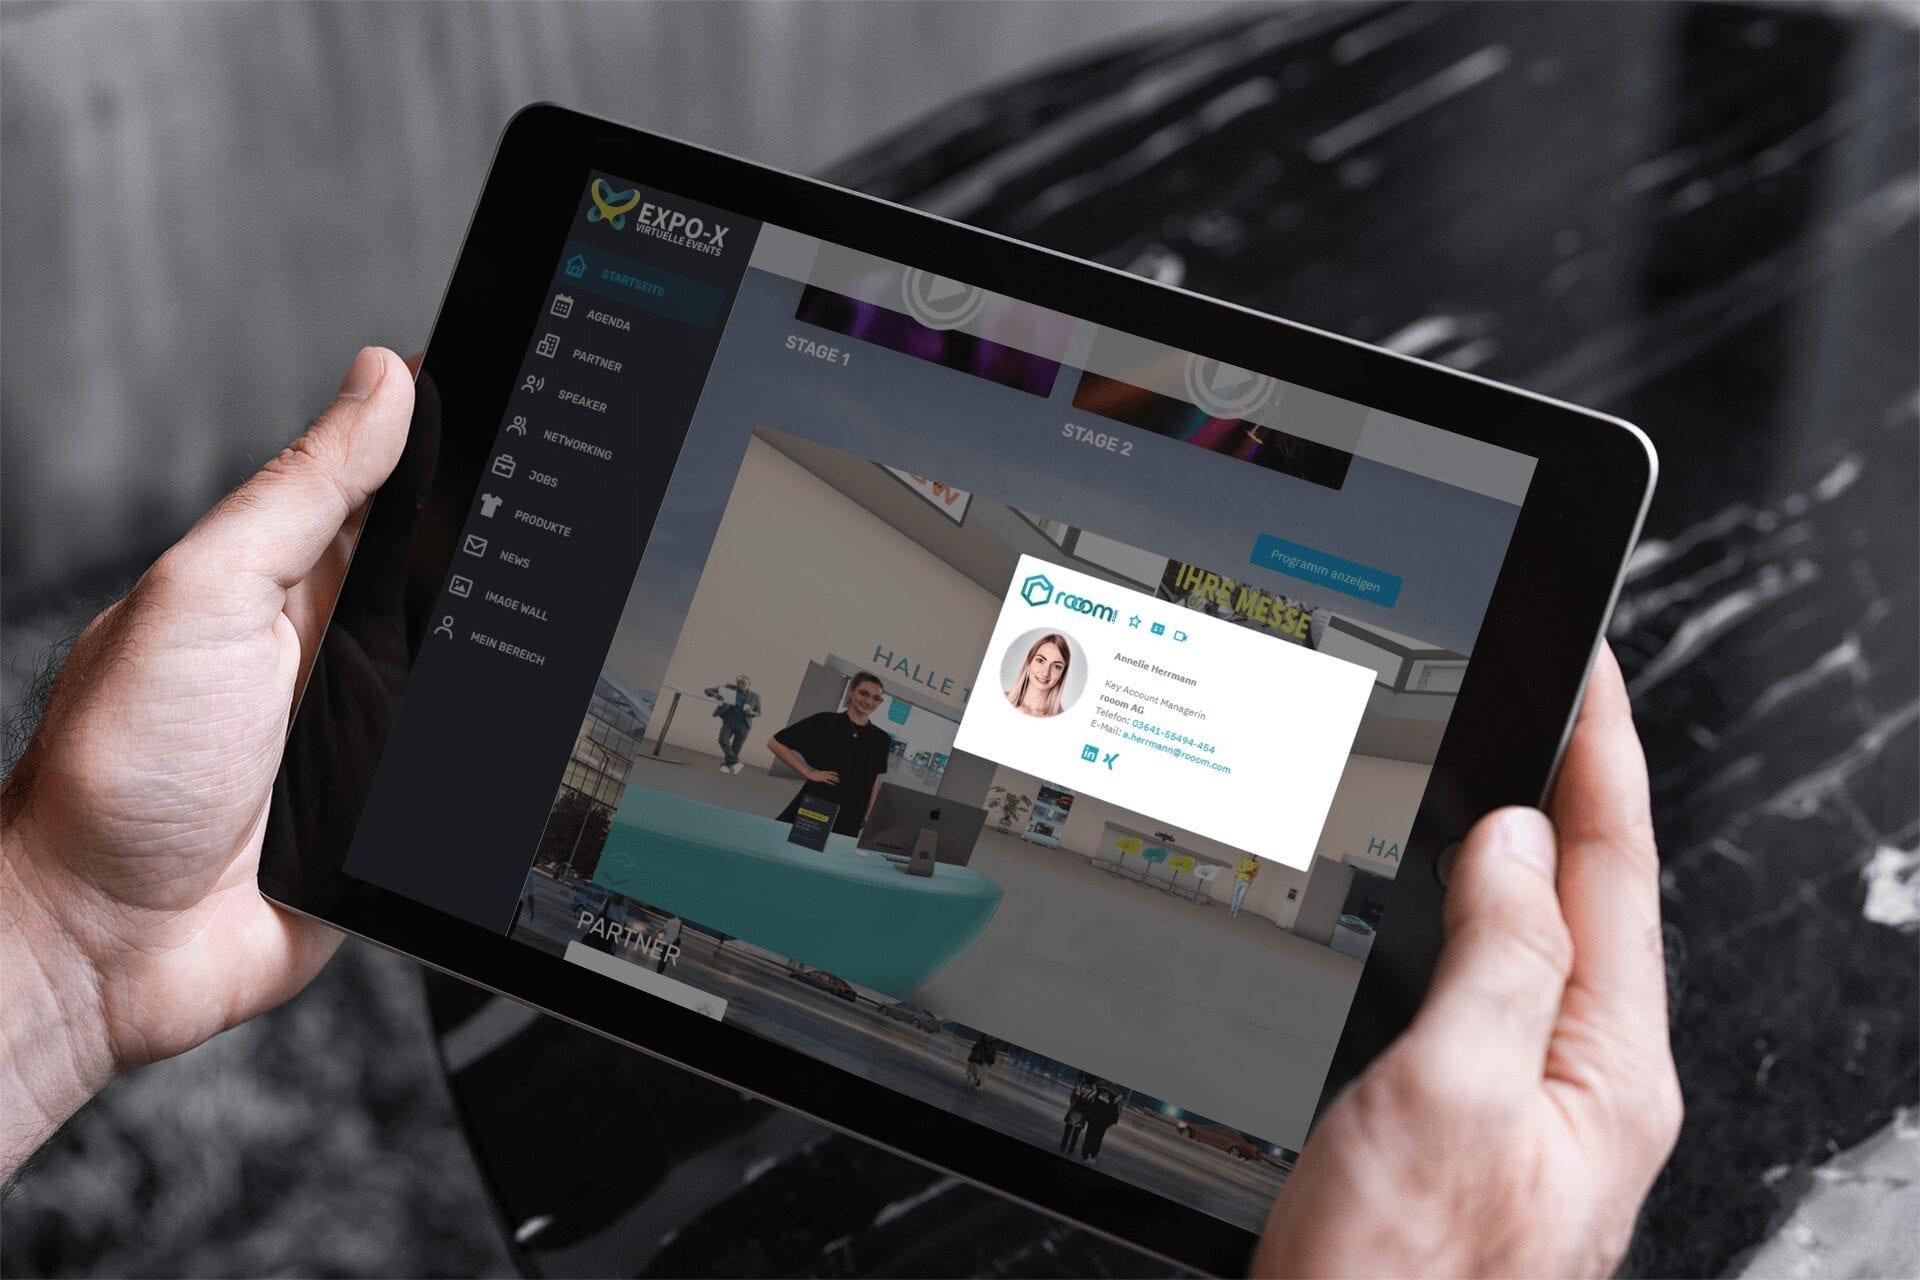 Virtuelle Visitenkarte EXPO-X